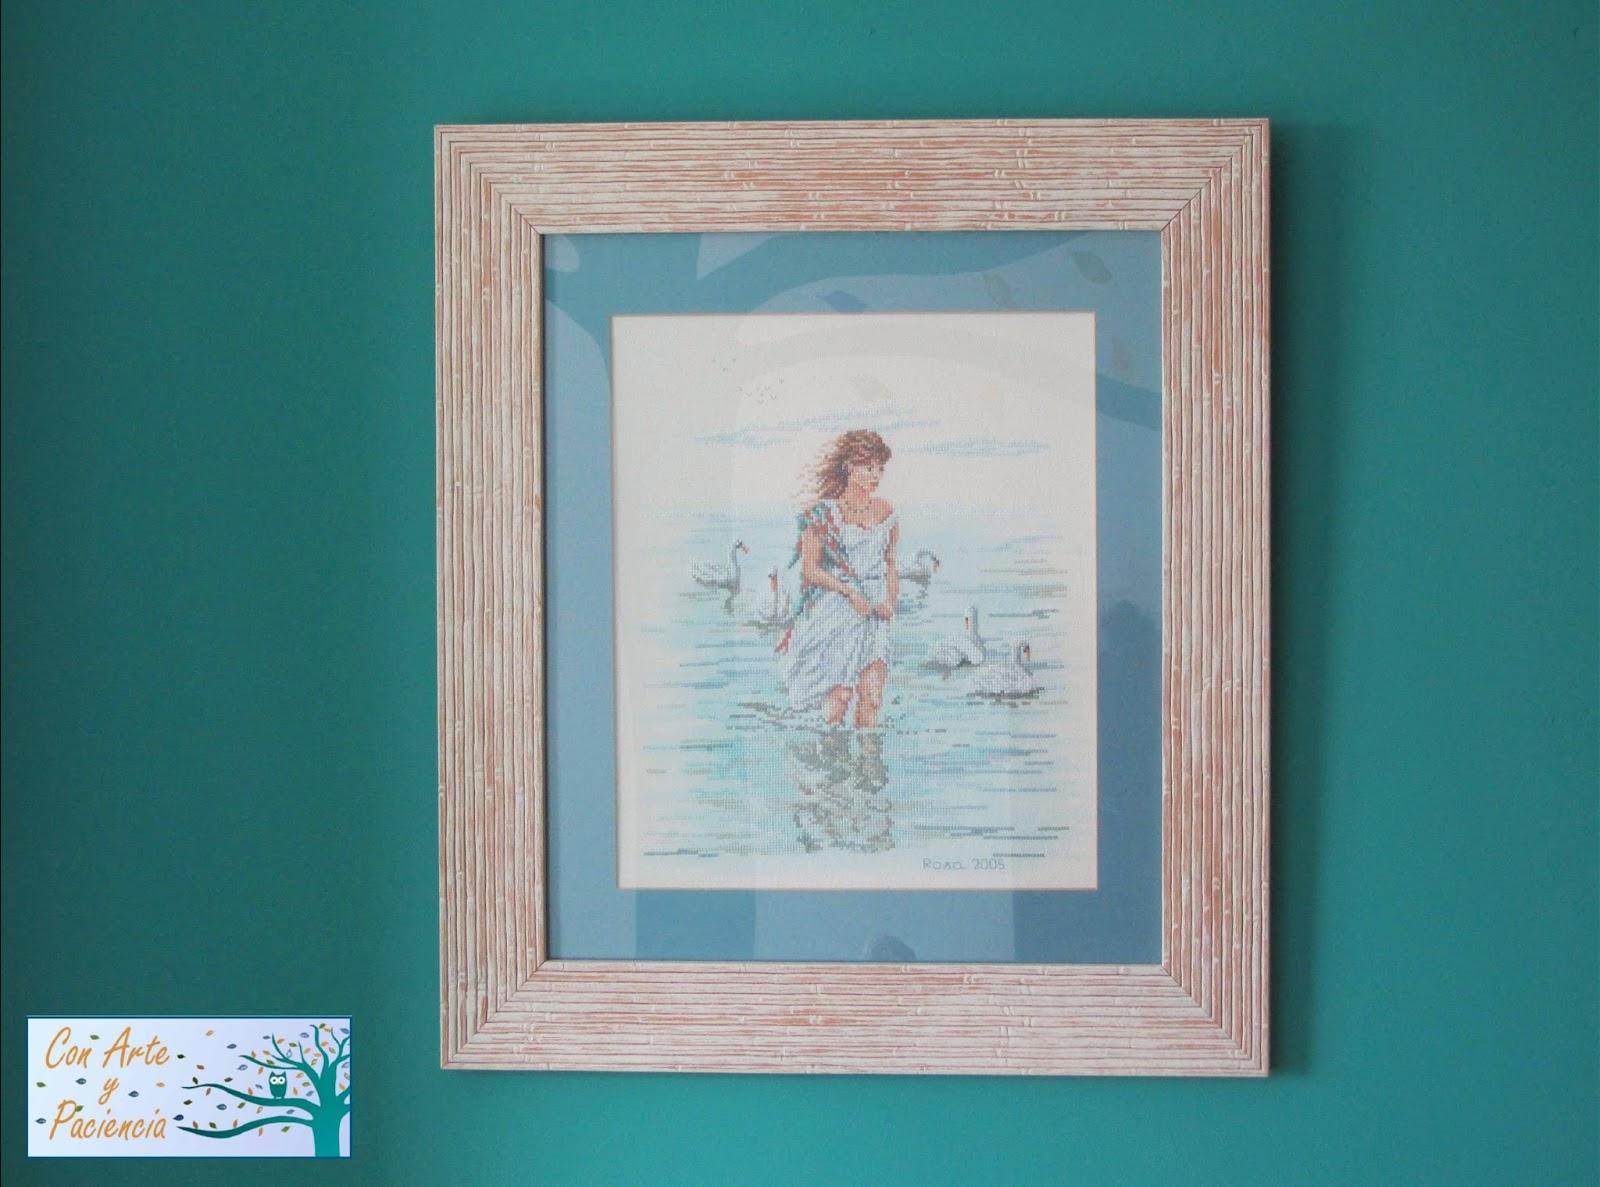 punto-cruz,blanco, turquesa, cuadro,  decoración,coser, playa, orilla, mar, jóven,